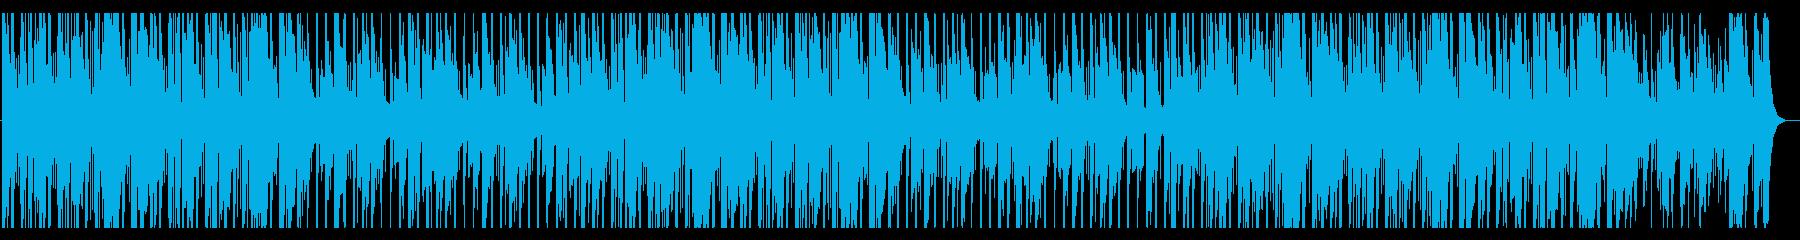 クール/都会的/R&B_No427の再生済みの波形